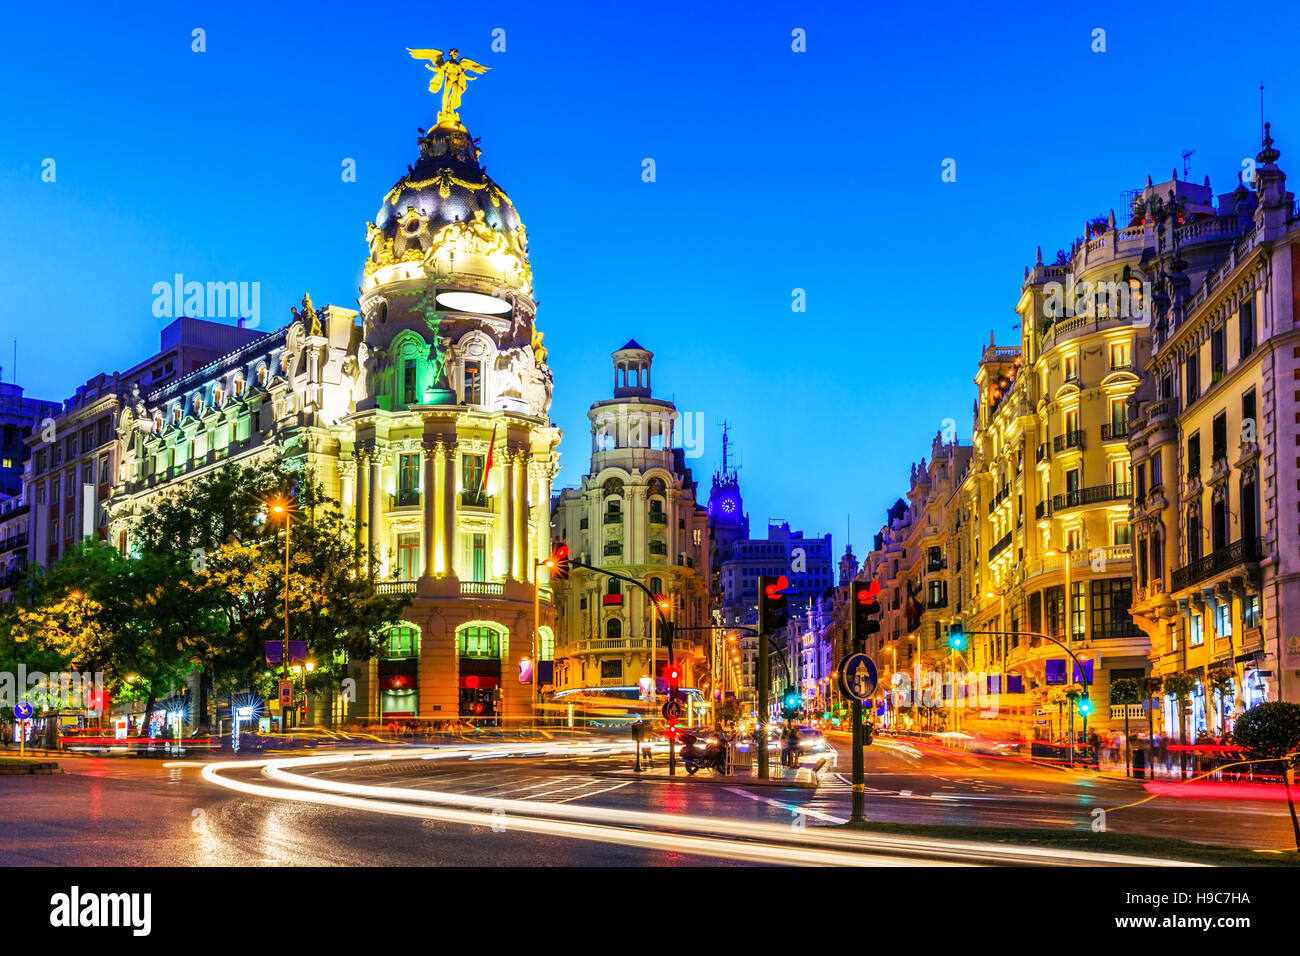 Madrid, Espagne. Gran Via, principale rue commerçante au crépuscule. Photo Stock